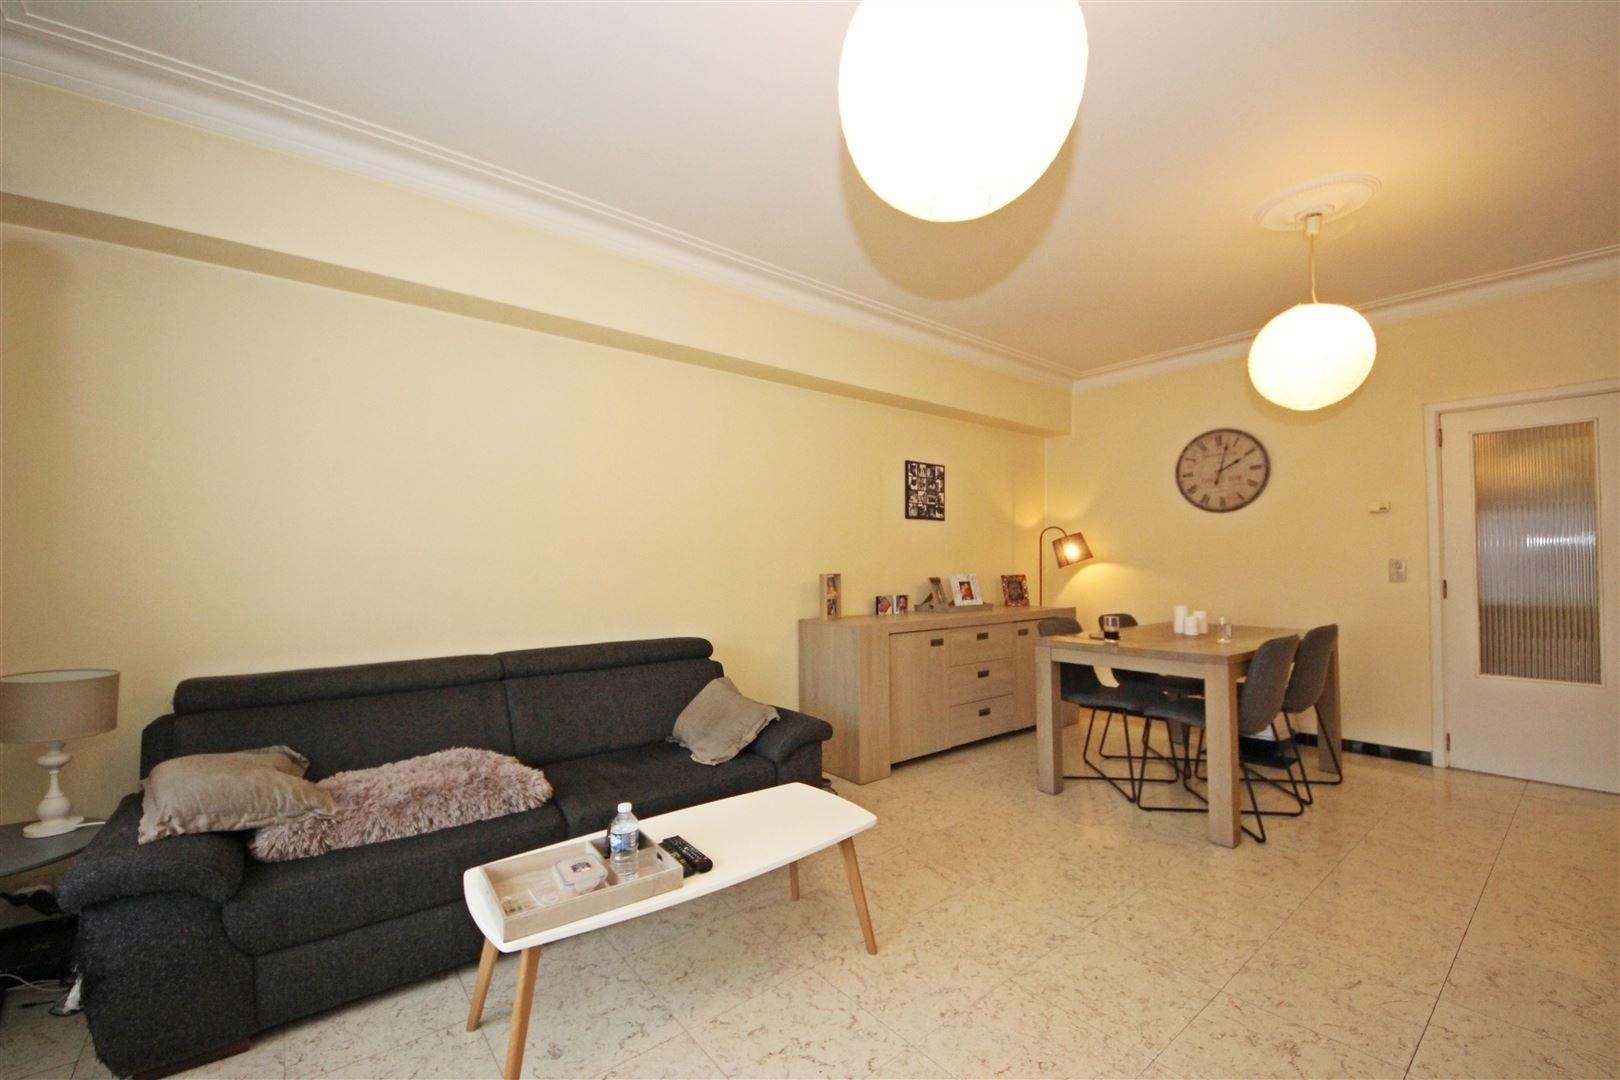 Gelijkvloers appartement met 3 slaapkamers en koer in Gent centrum